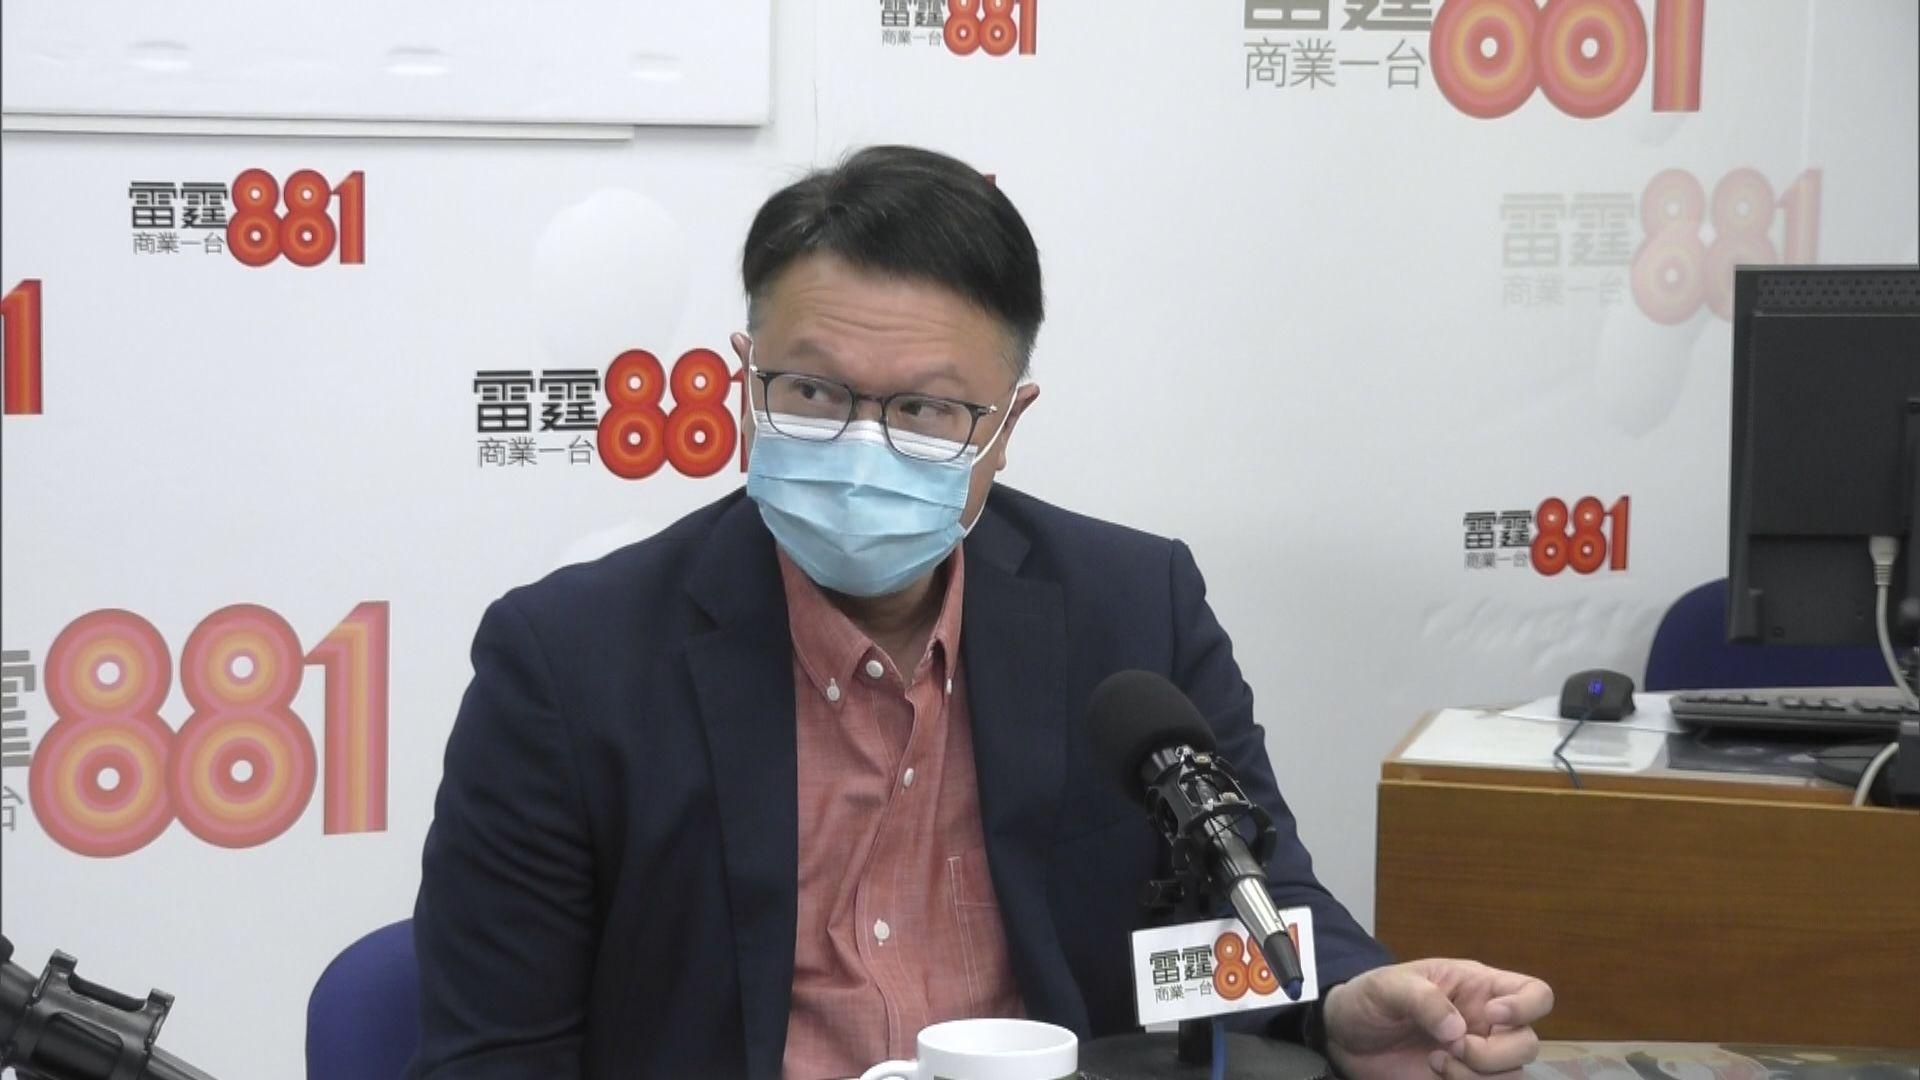 許樹昌:若北京疫情擴散 豁免14天家居檢疫或要取消